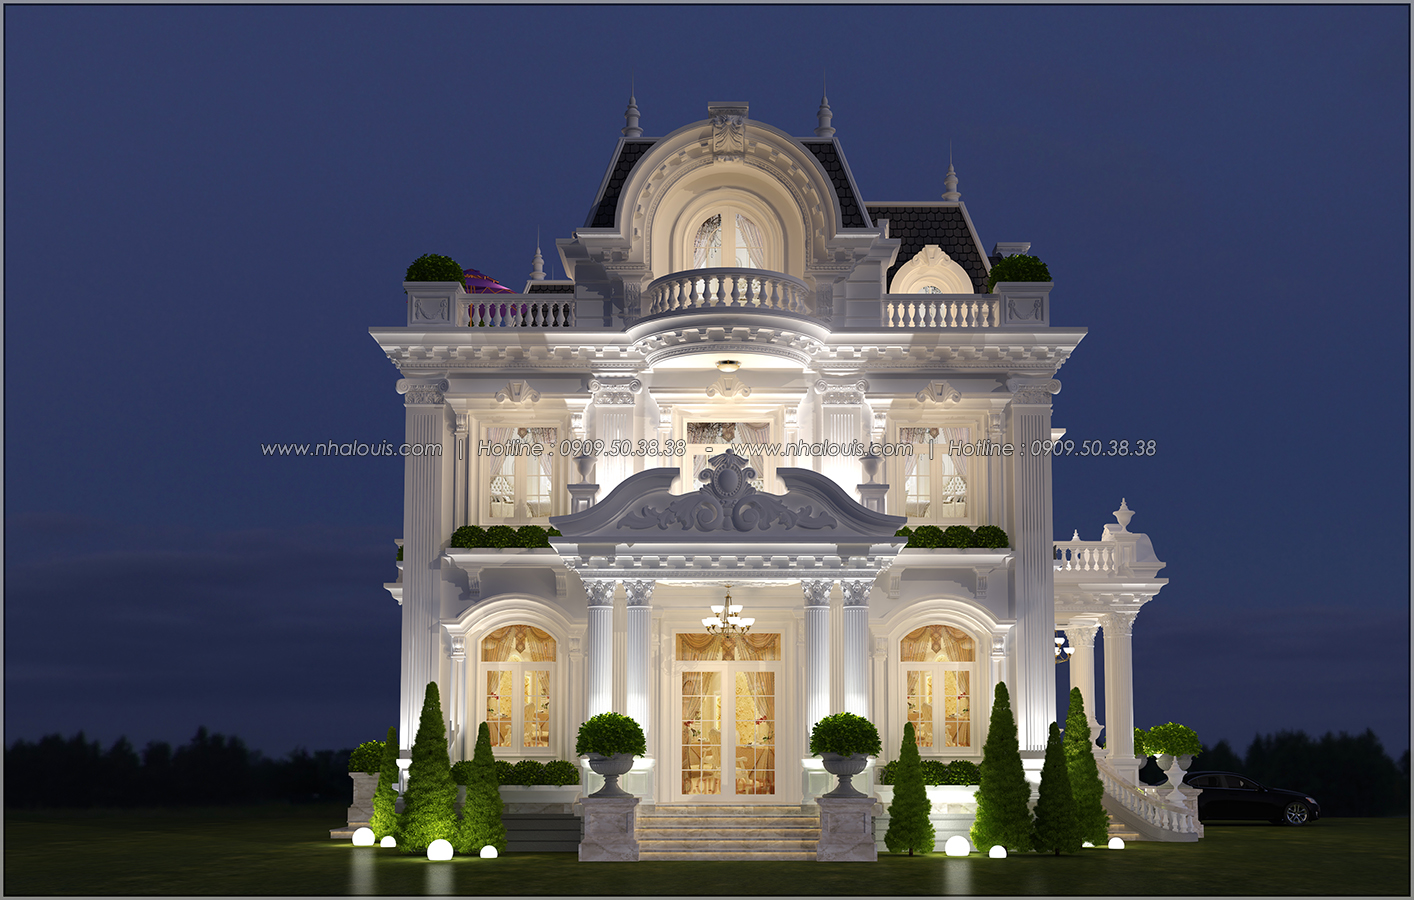 Mê mẩn với thiết kế biệt thự kiểu Pháp tại Biên Hòa đẹp kiêu sa, diễm lệ - 3